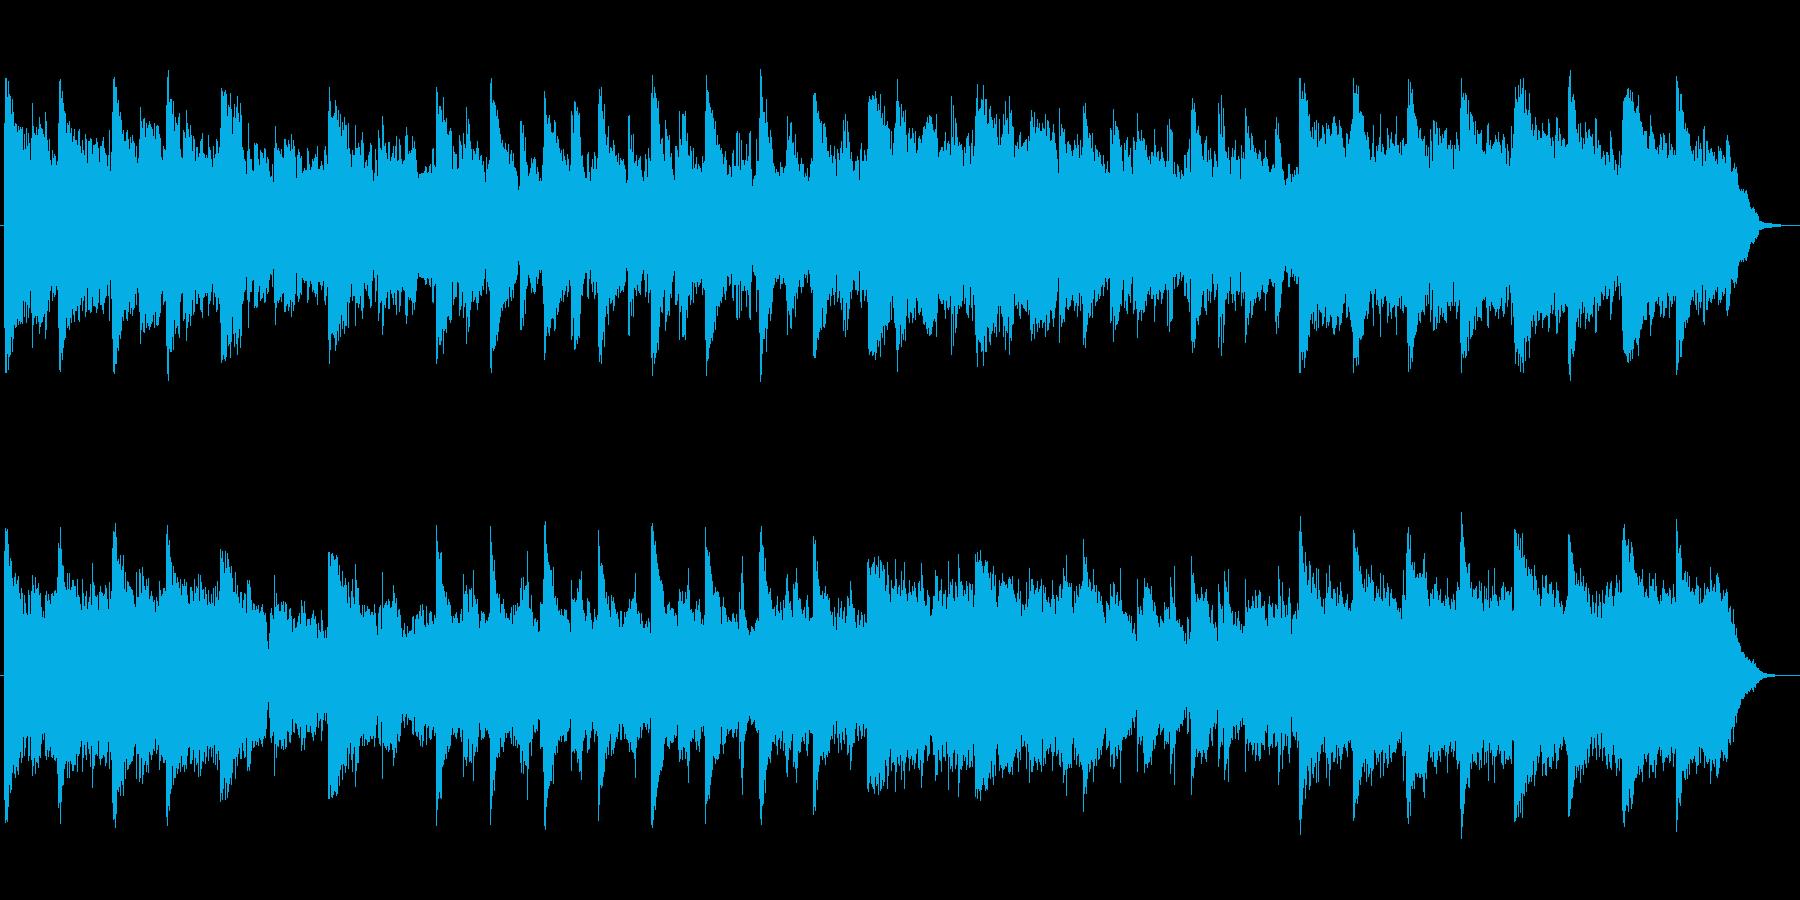 しっとりとしたシンセサイザーのテクノの再生済みの波形